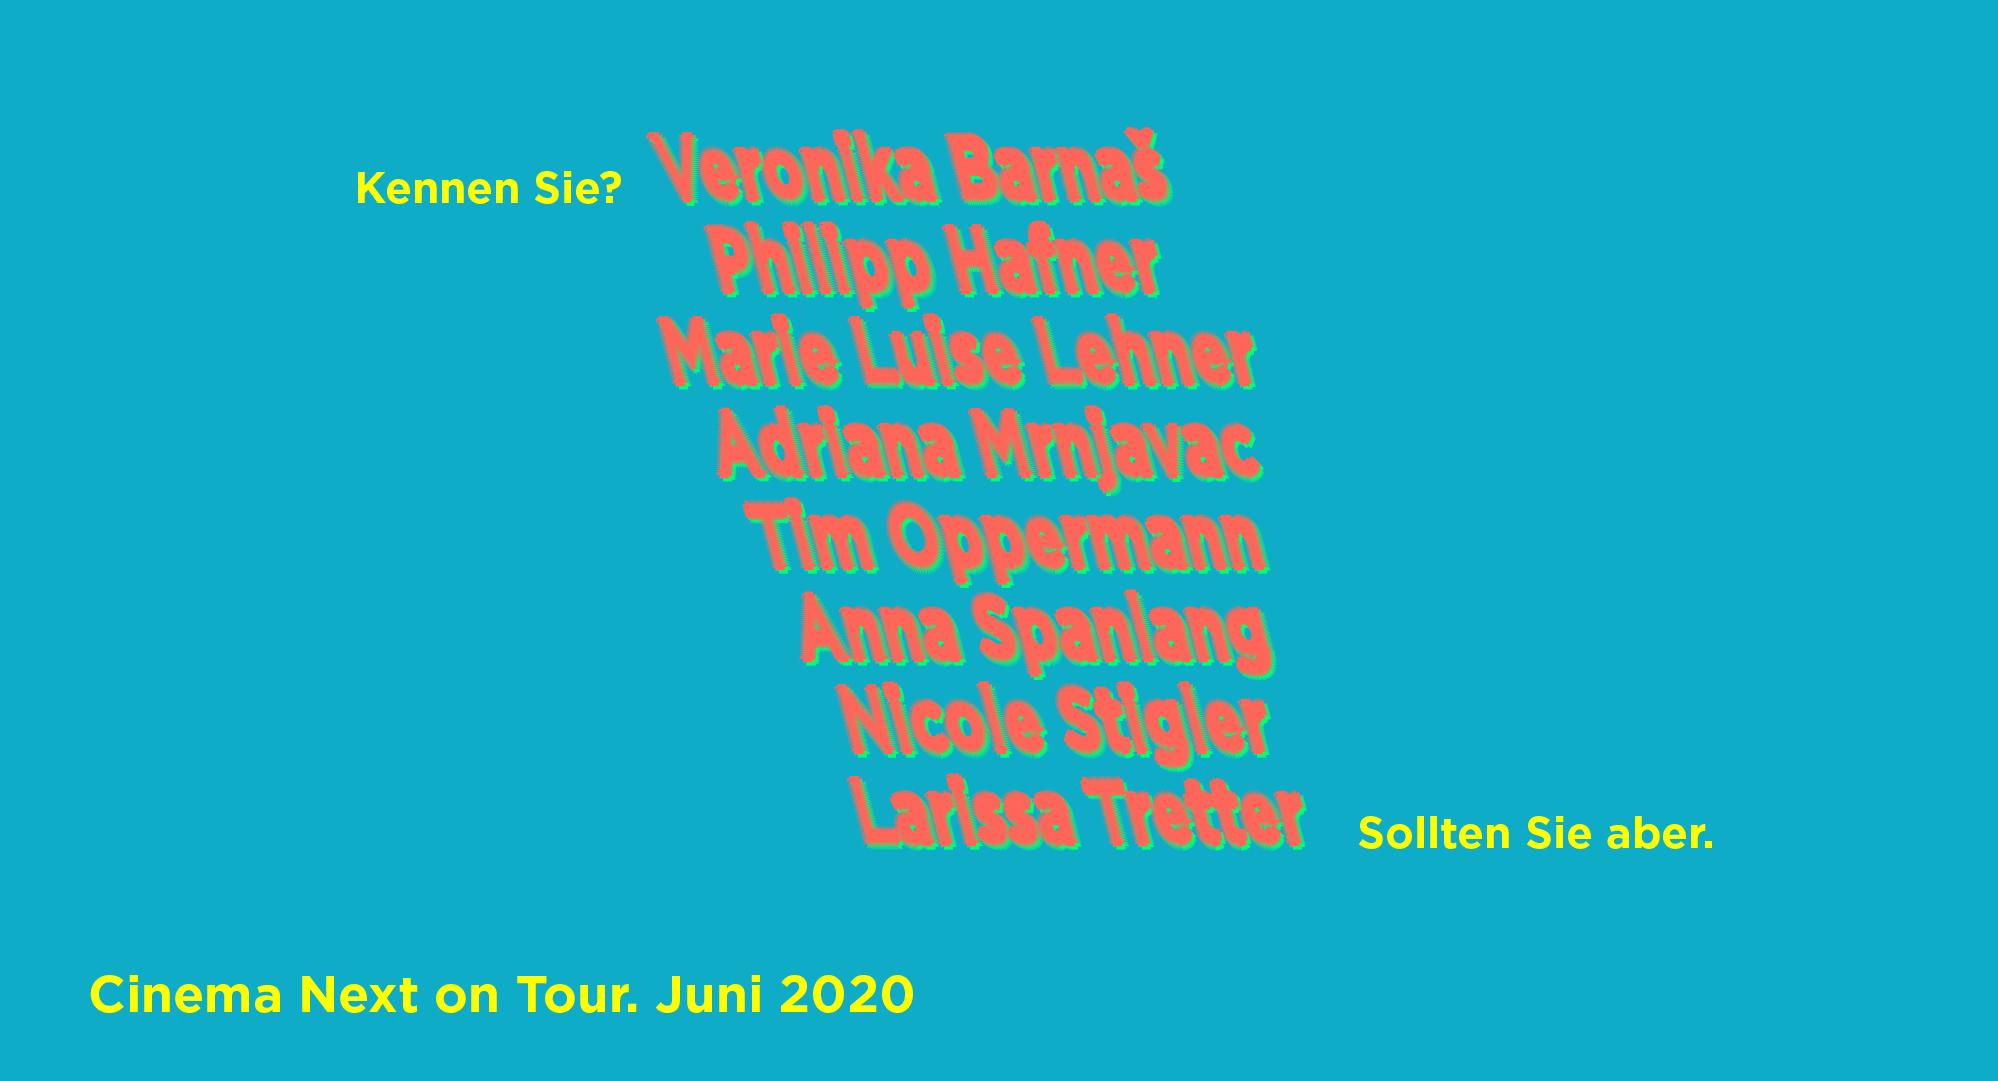 Wien-Programm. Host: Gartenbaukino